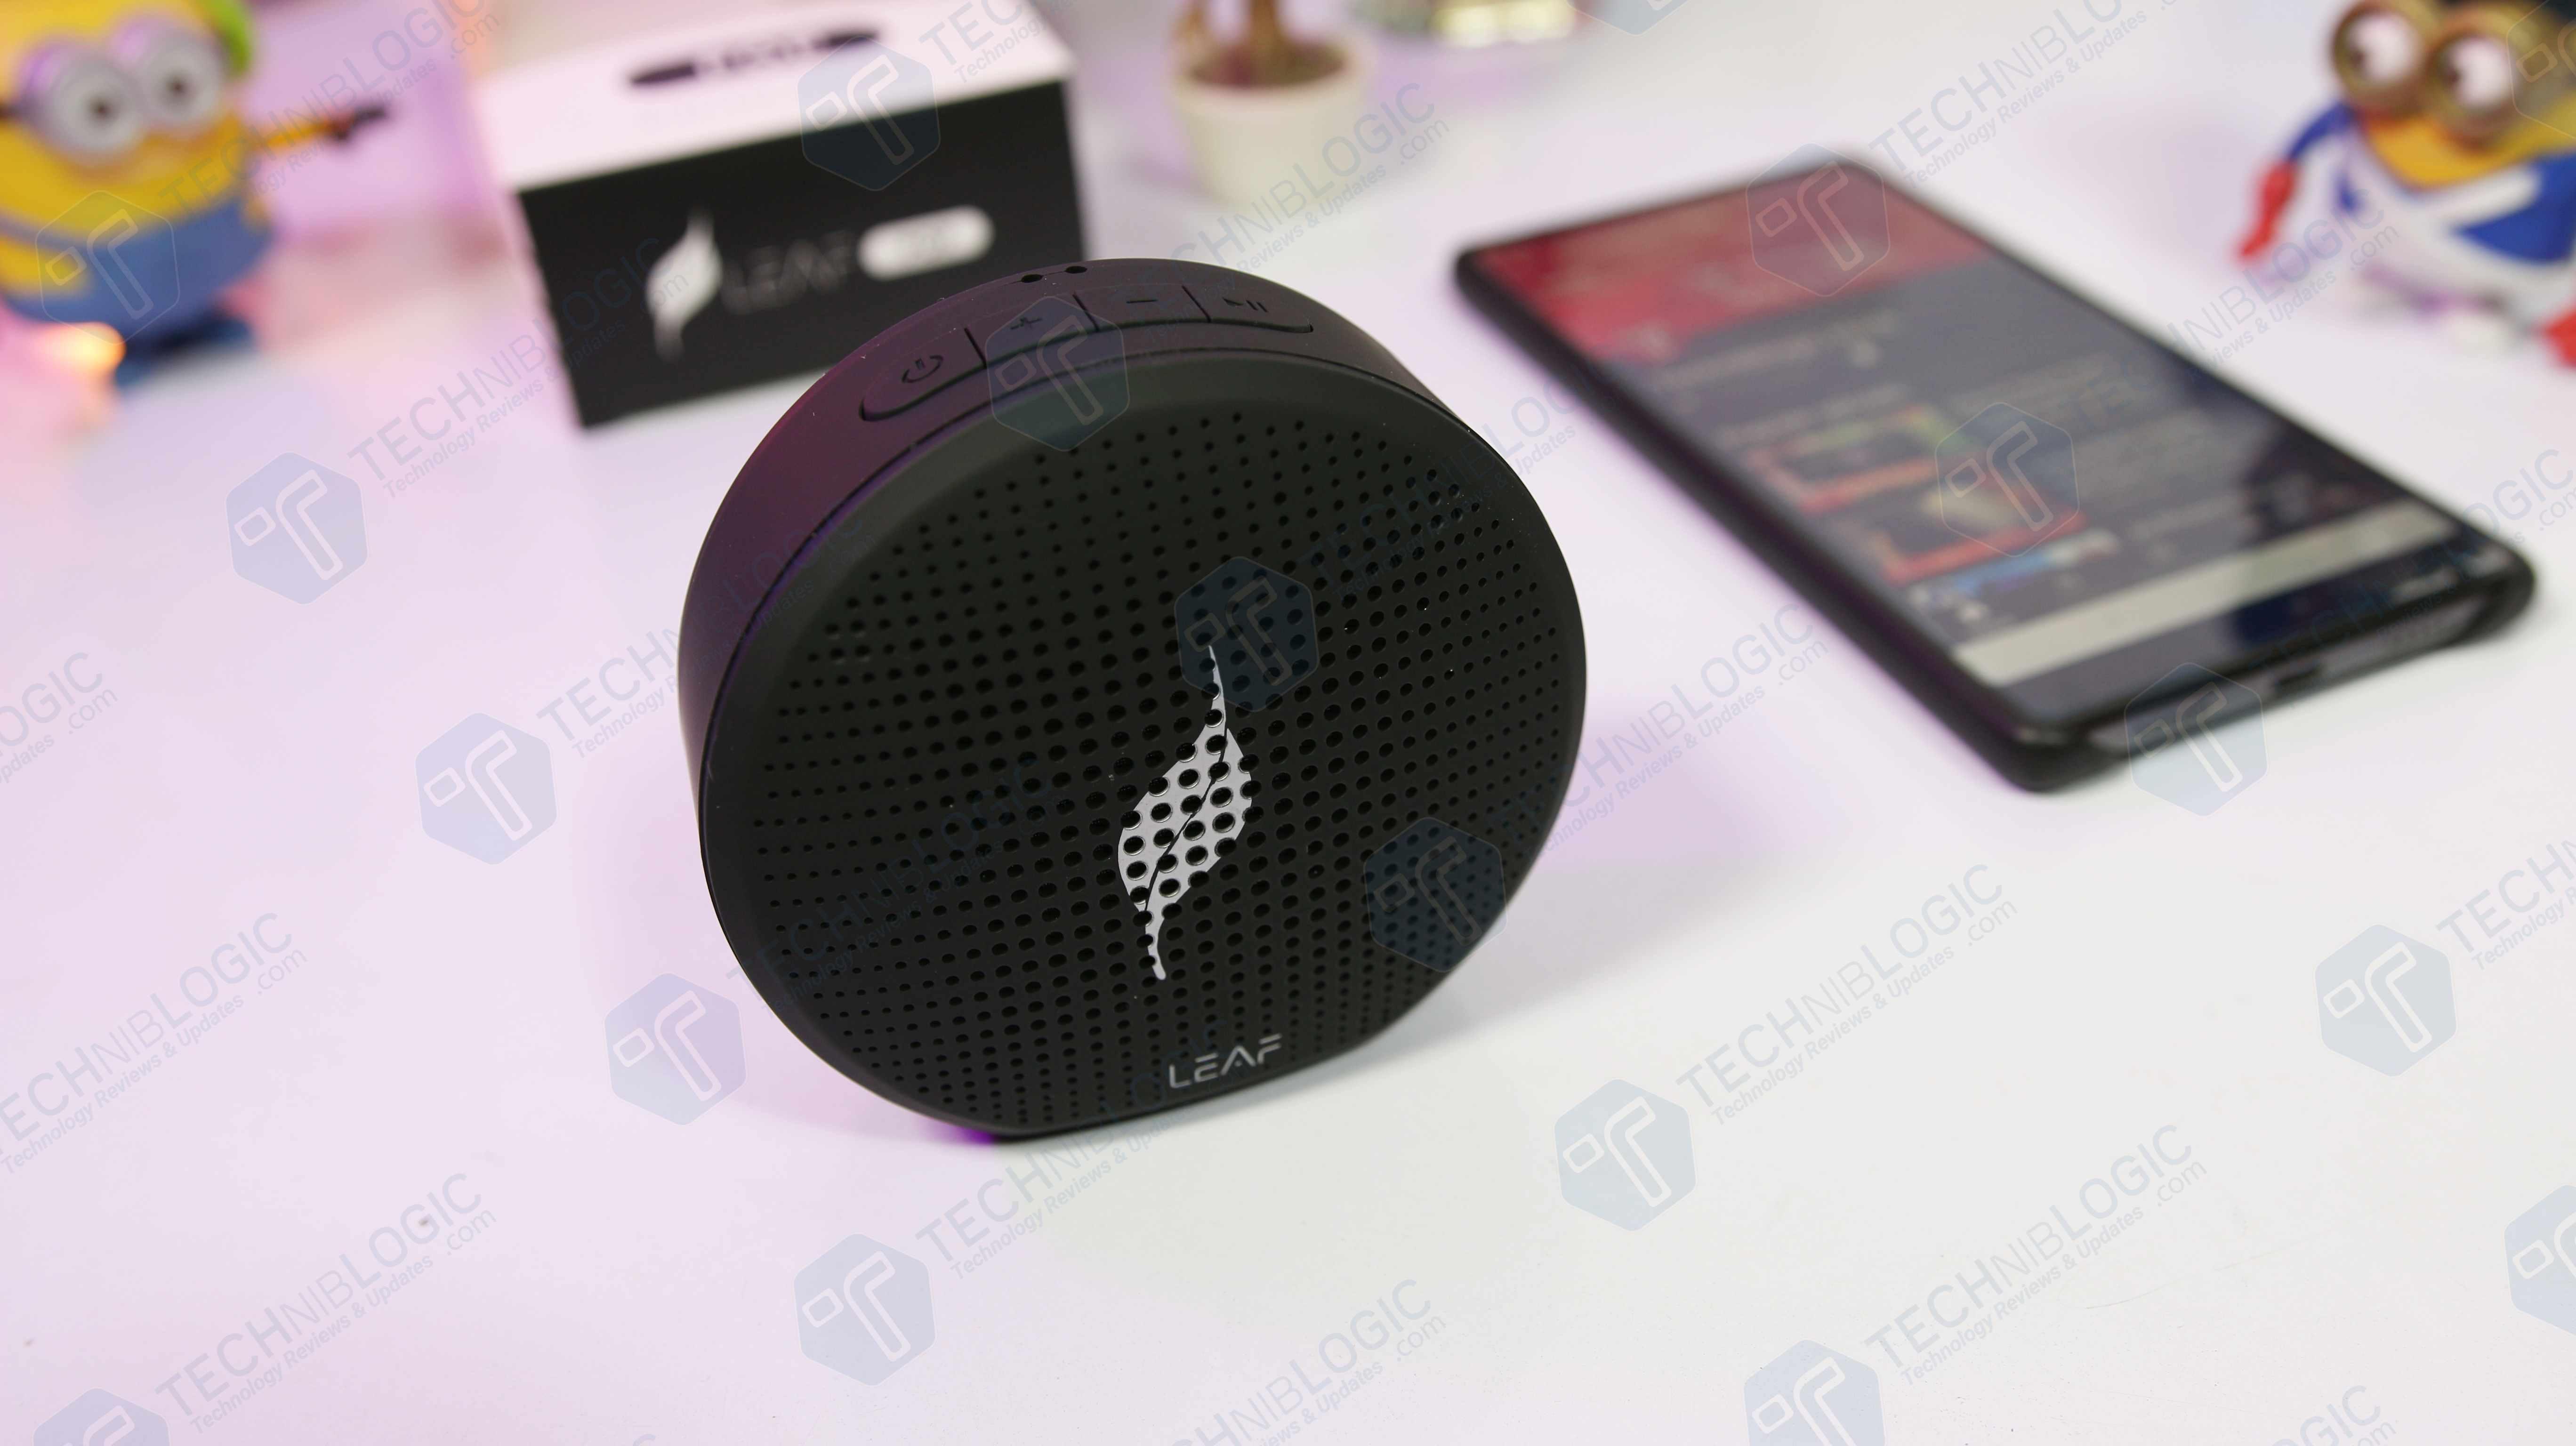 Leaf Pop Bluetooth Speaker